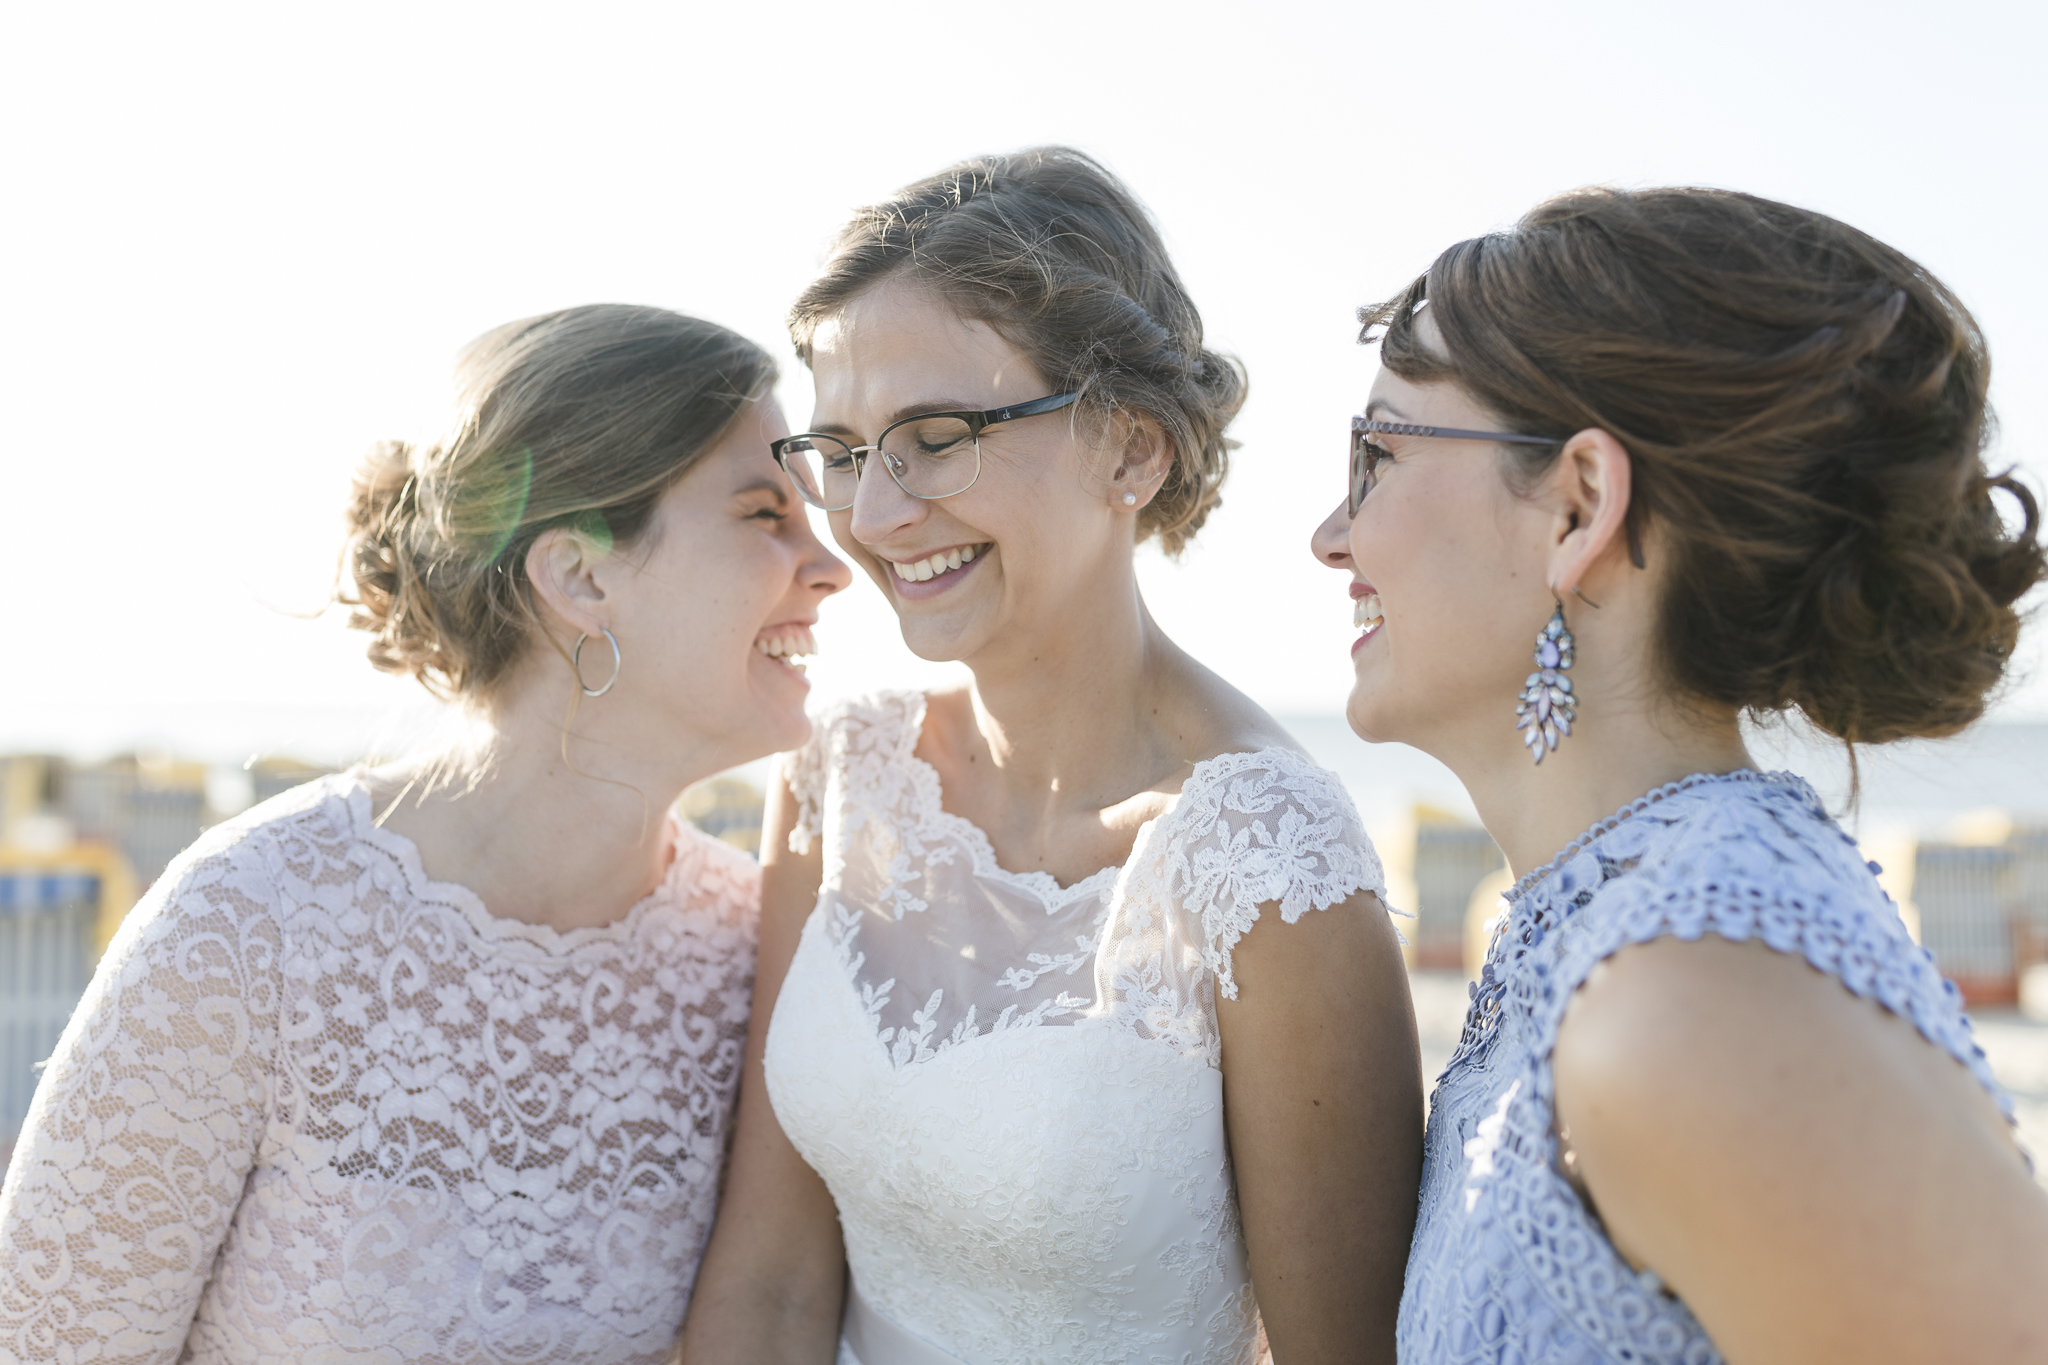 die Brautjungfern flüstern der Braut etwas ins Ohr